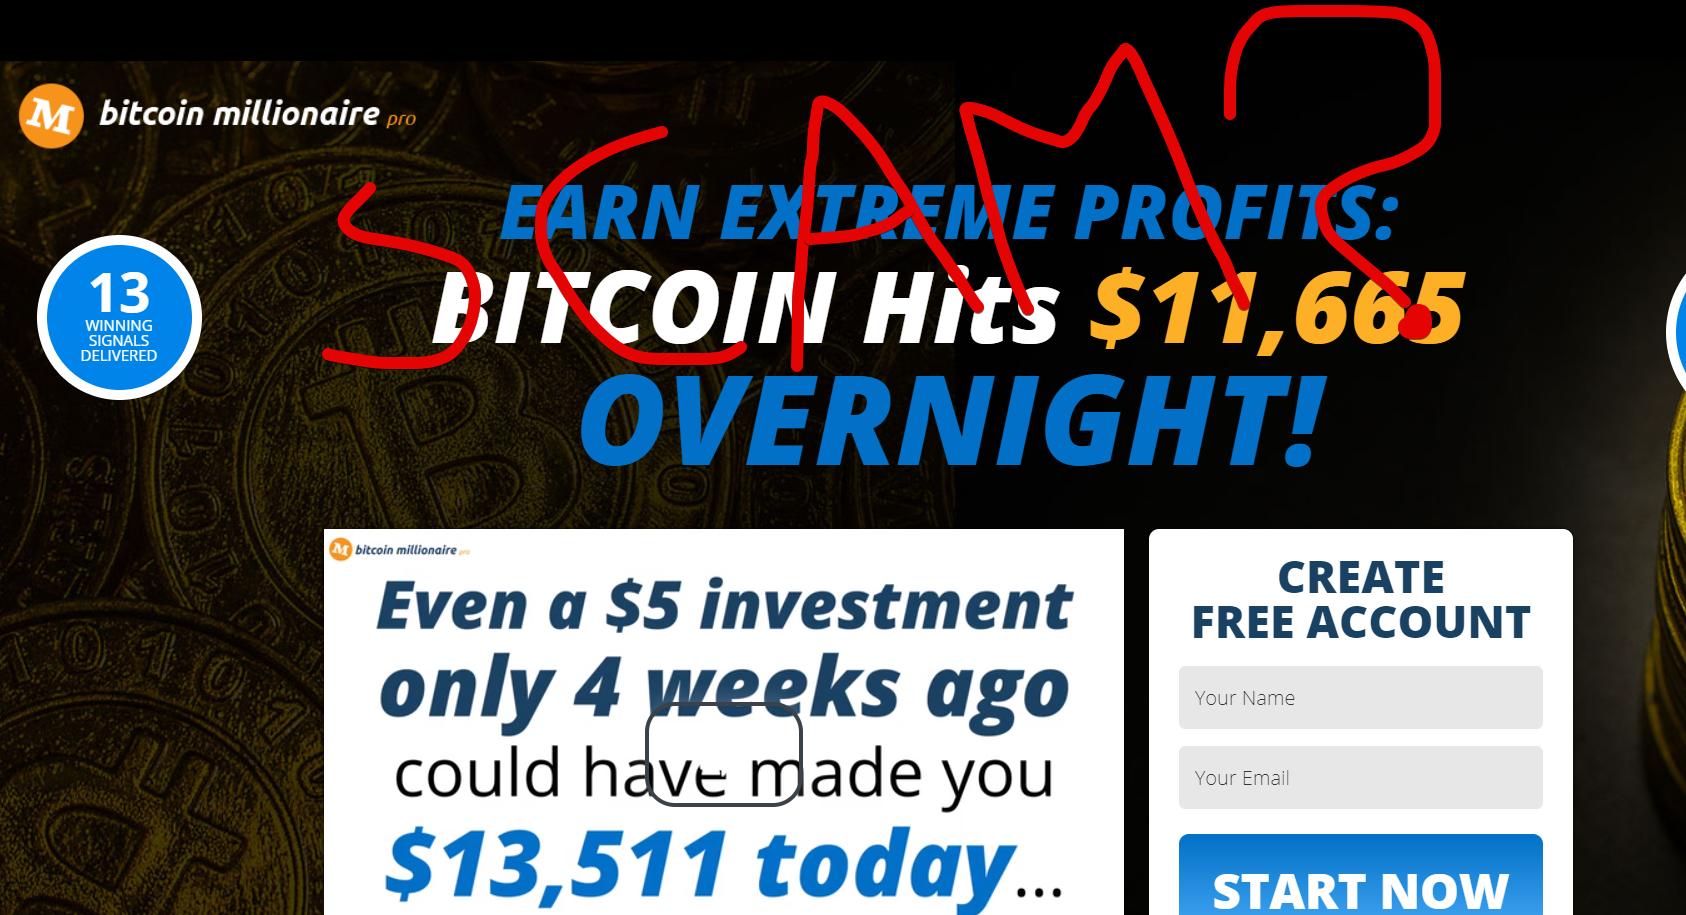 Bitcoin Millionaire Pro